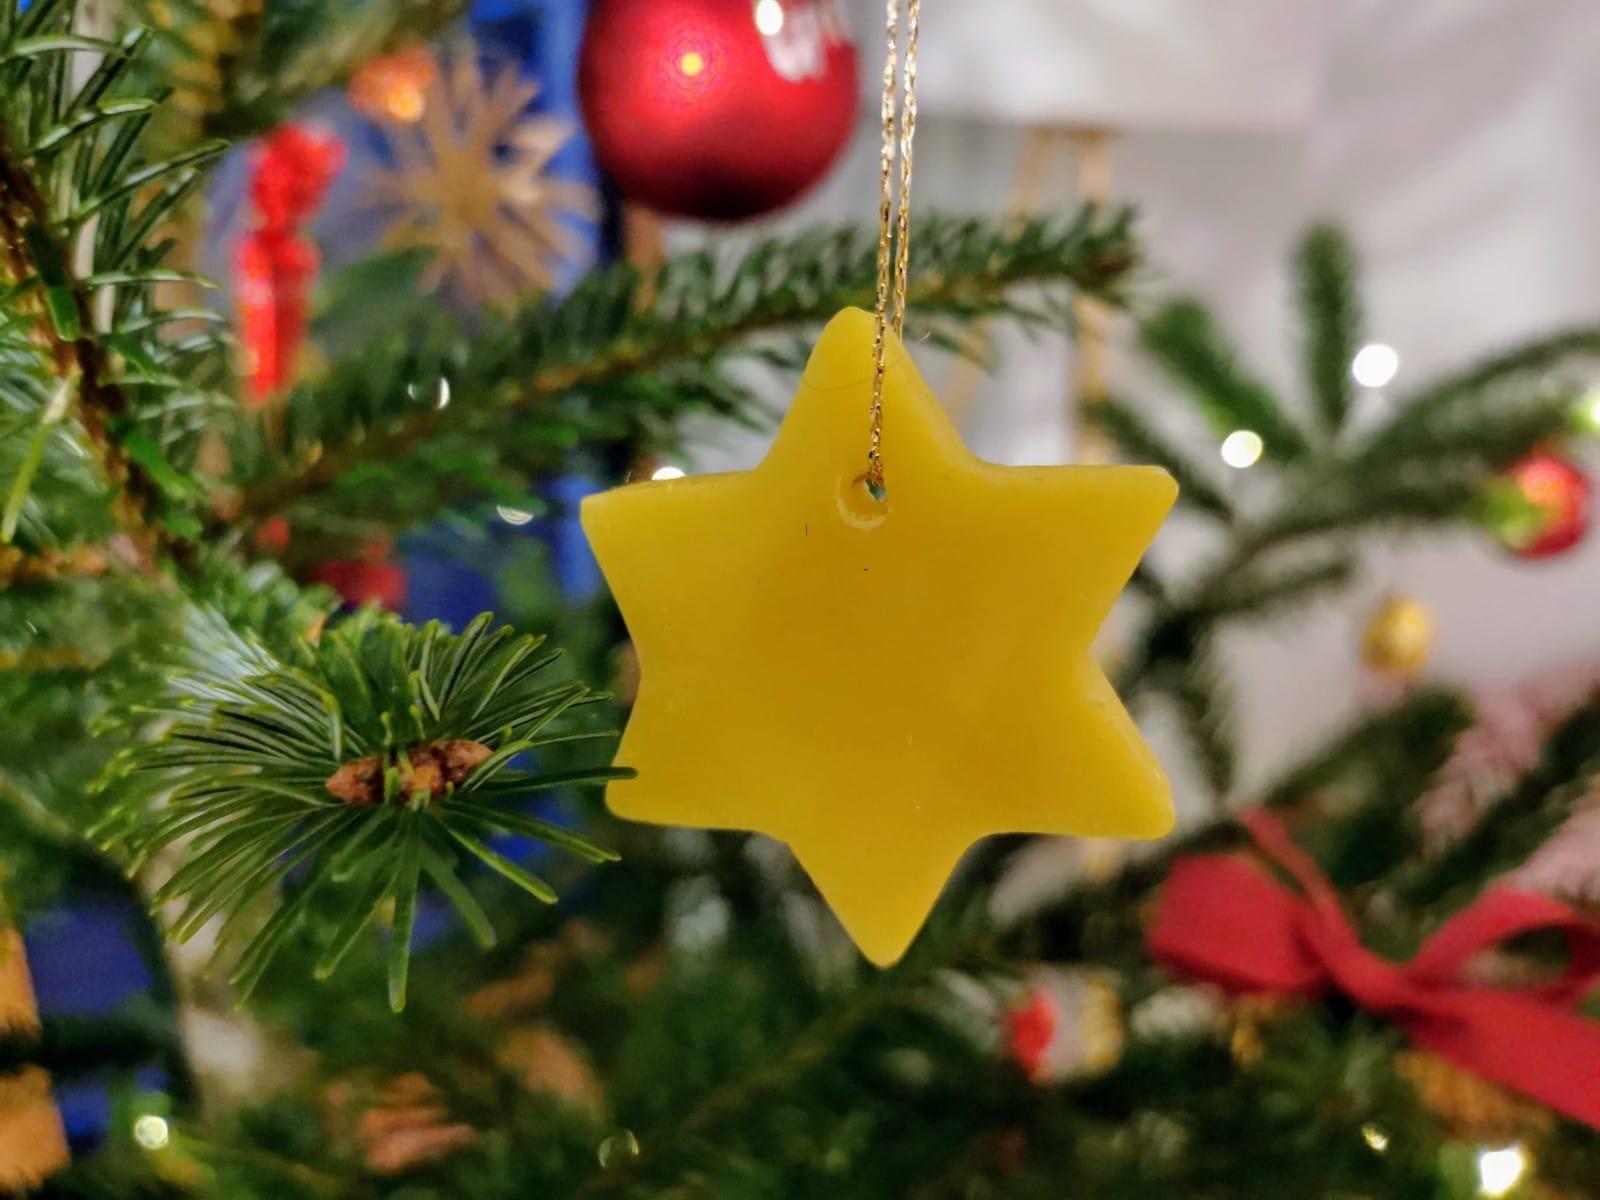 Bio Imkerei Bramreither - Bienenprodukte - Honig - Mühlviertel - Weihnachten - Christbaumschmuck - Weihnachtsstern